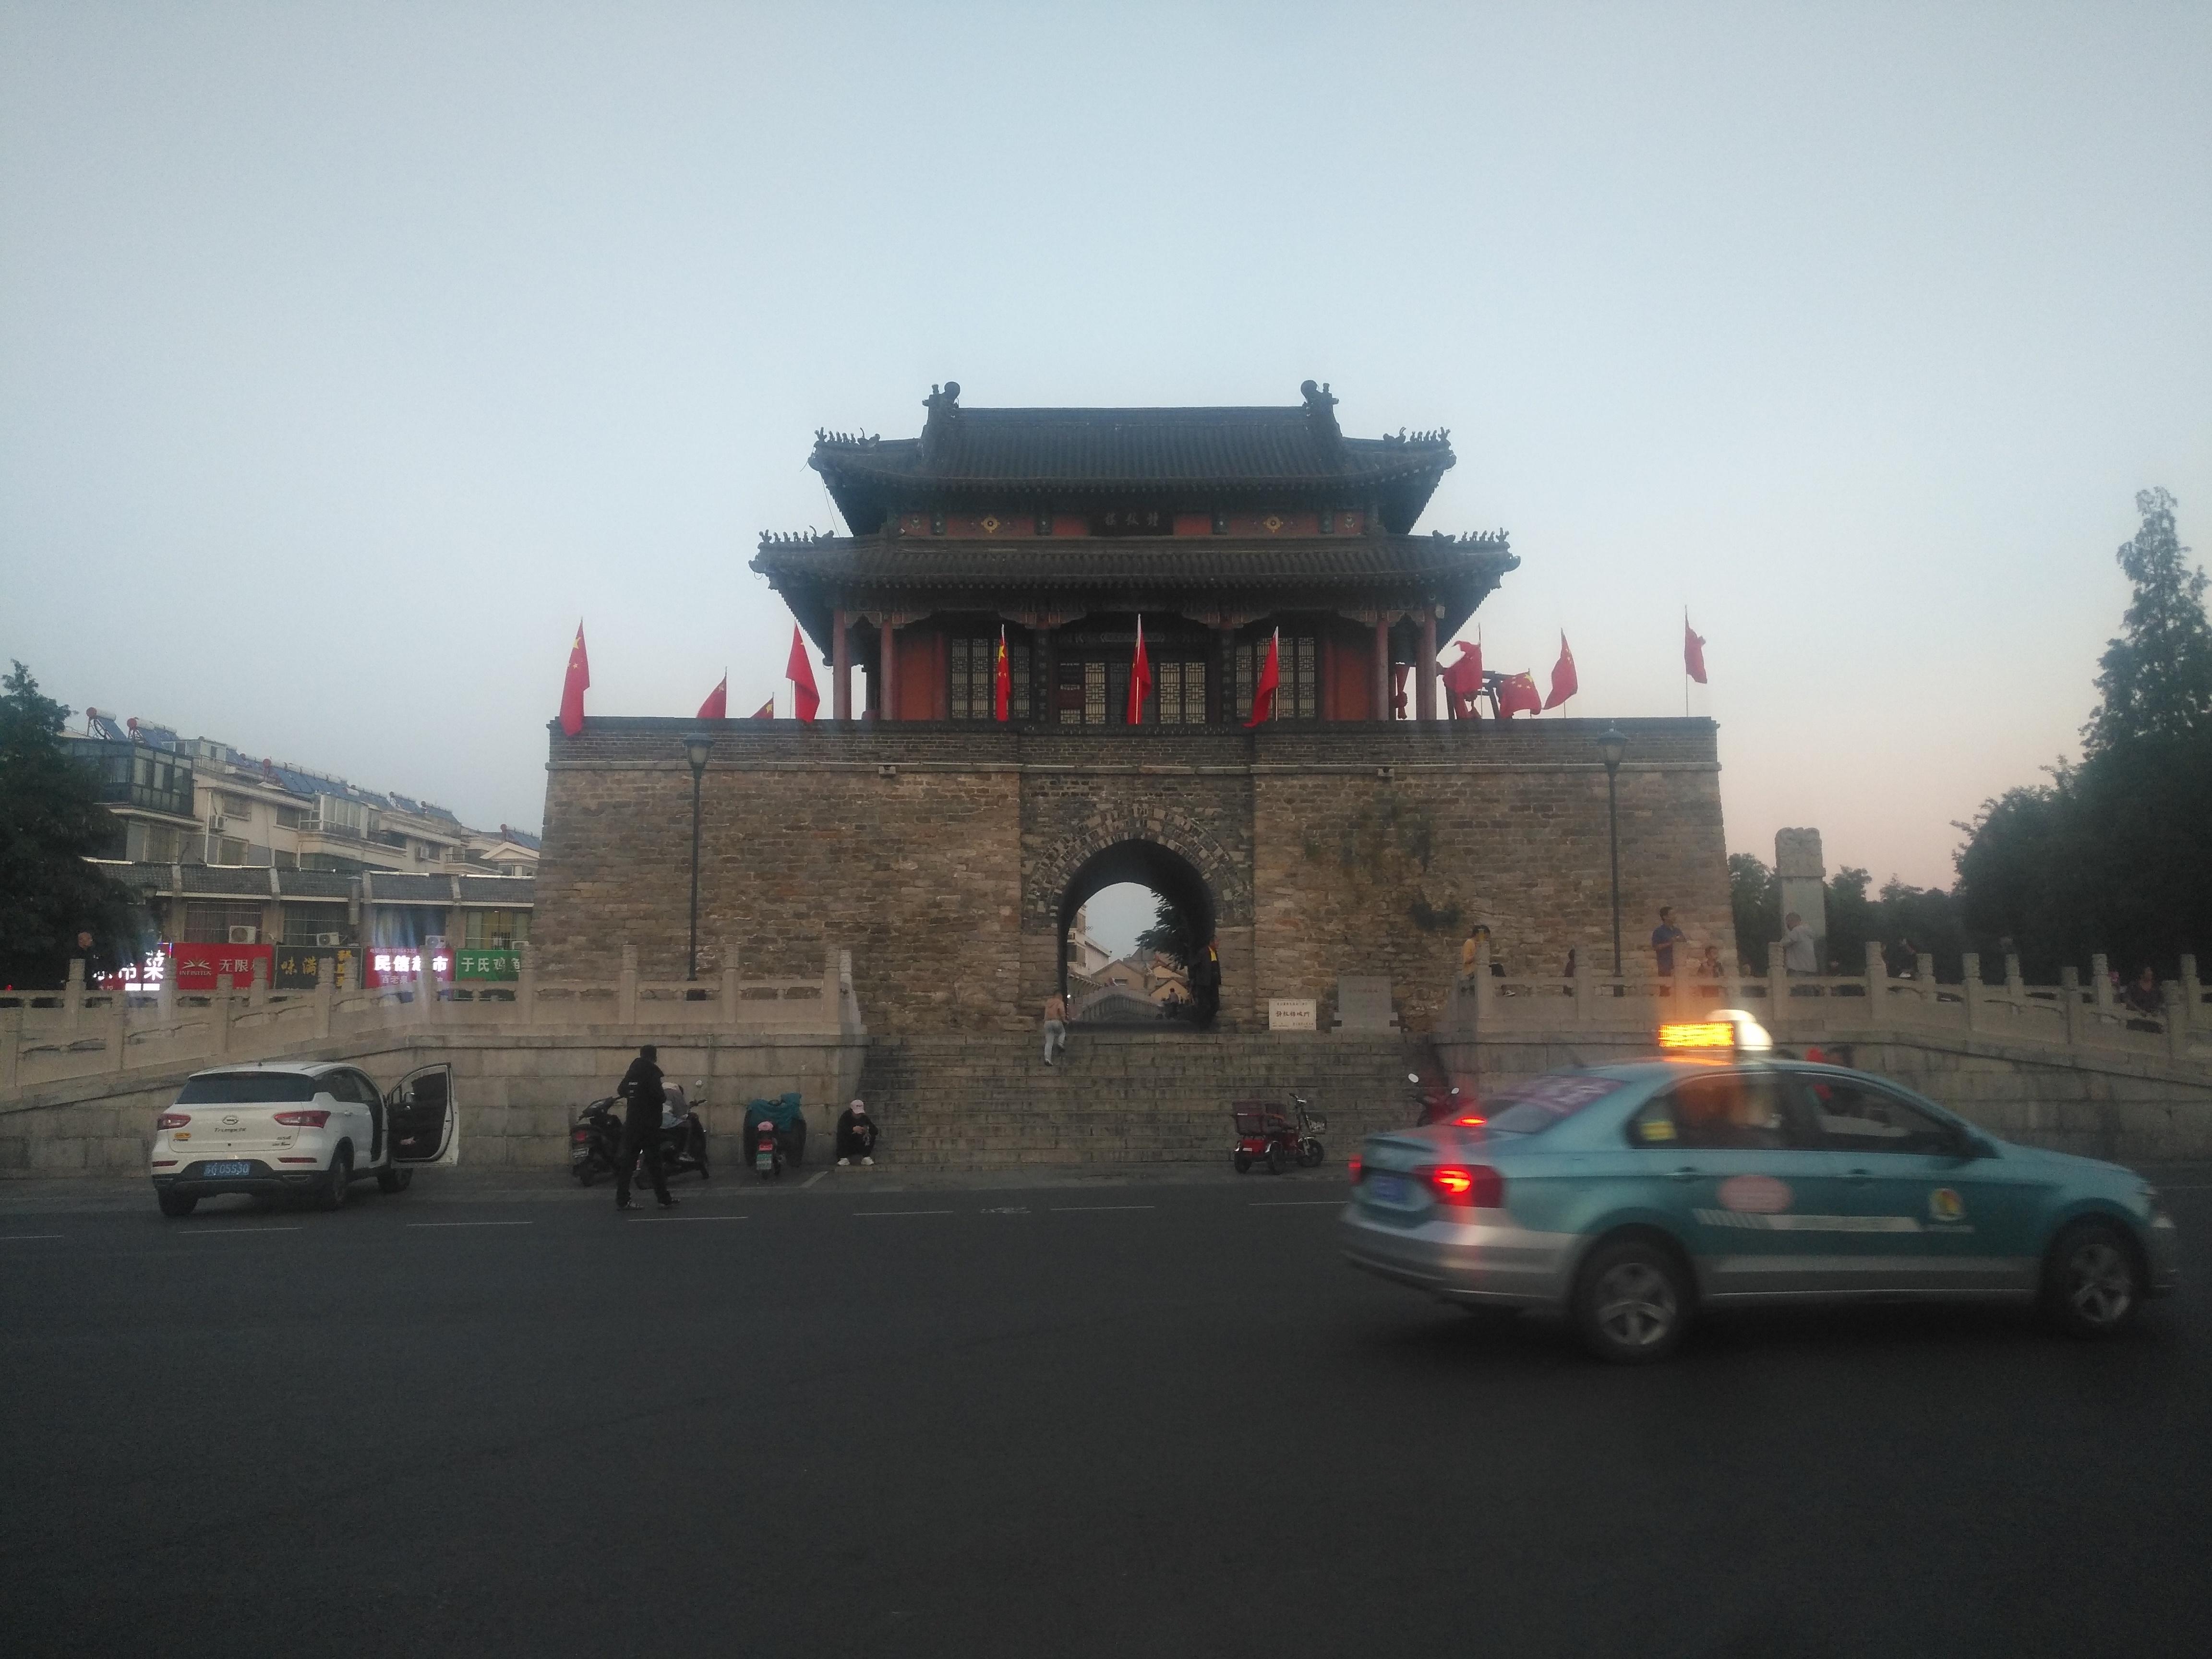 『展讯』迎国庆,连云港市老年大学国画山水展相约古楼